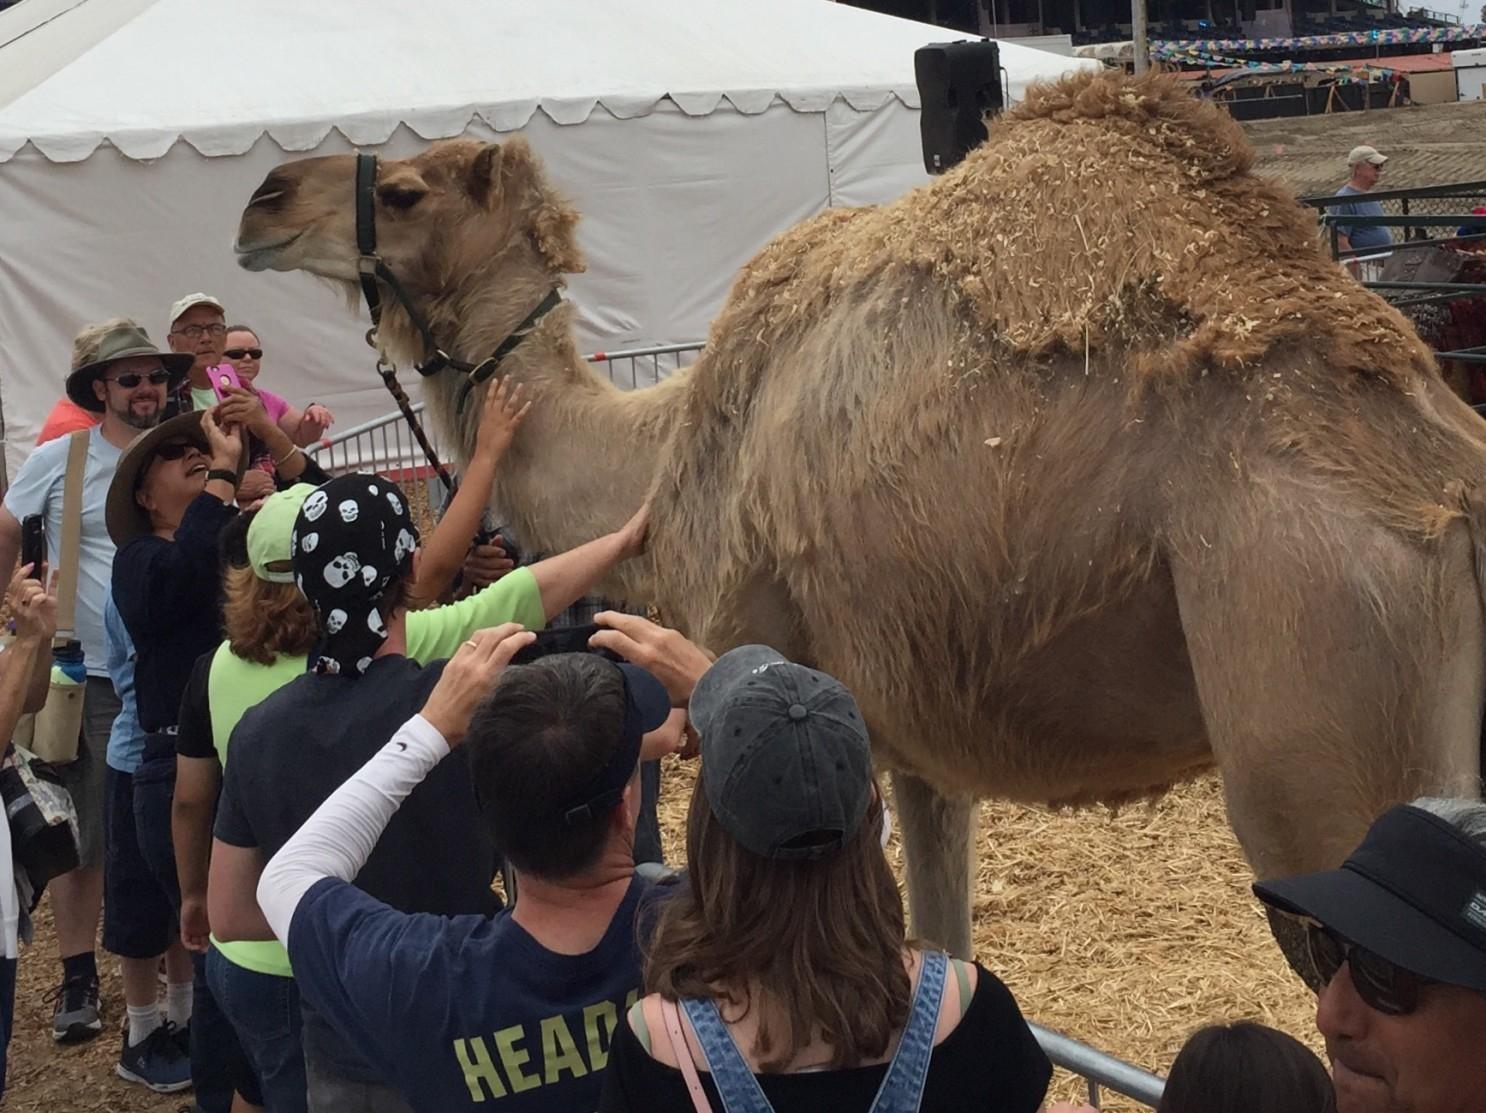 Matarán a 10.000 camellos en Australia debido a que consumen mucha agua